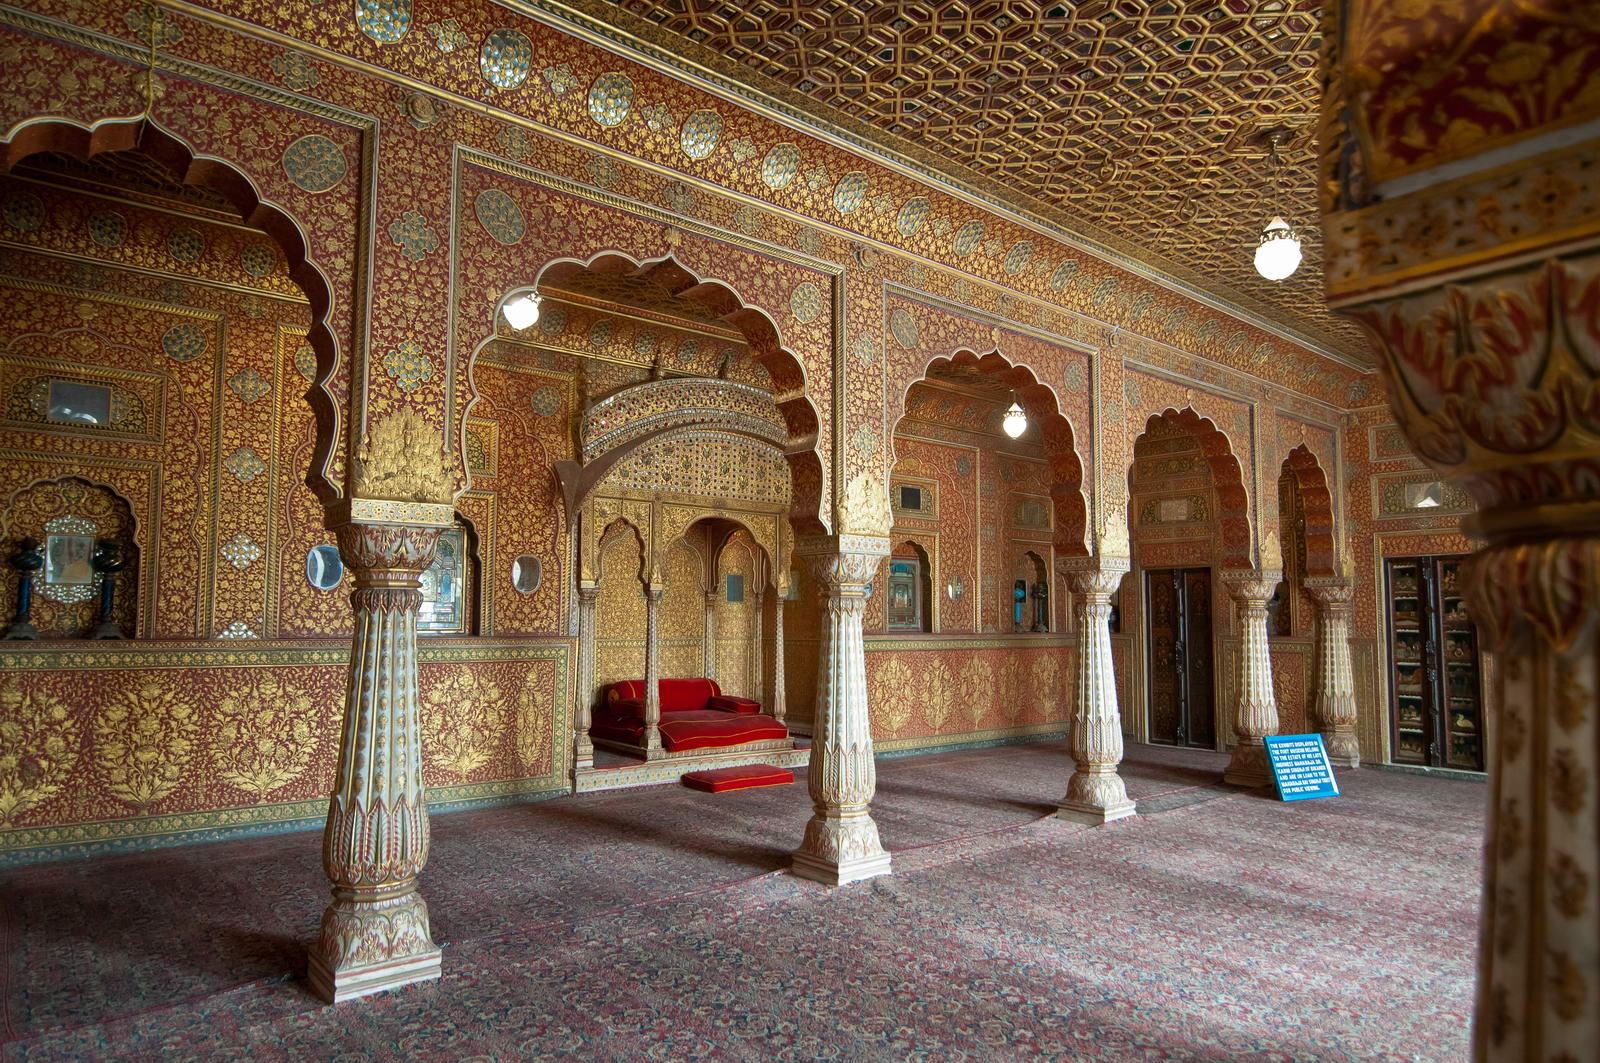 Bikaner - Junagarh Fort